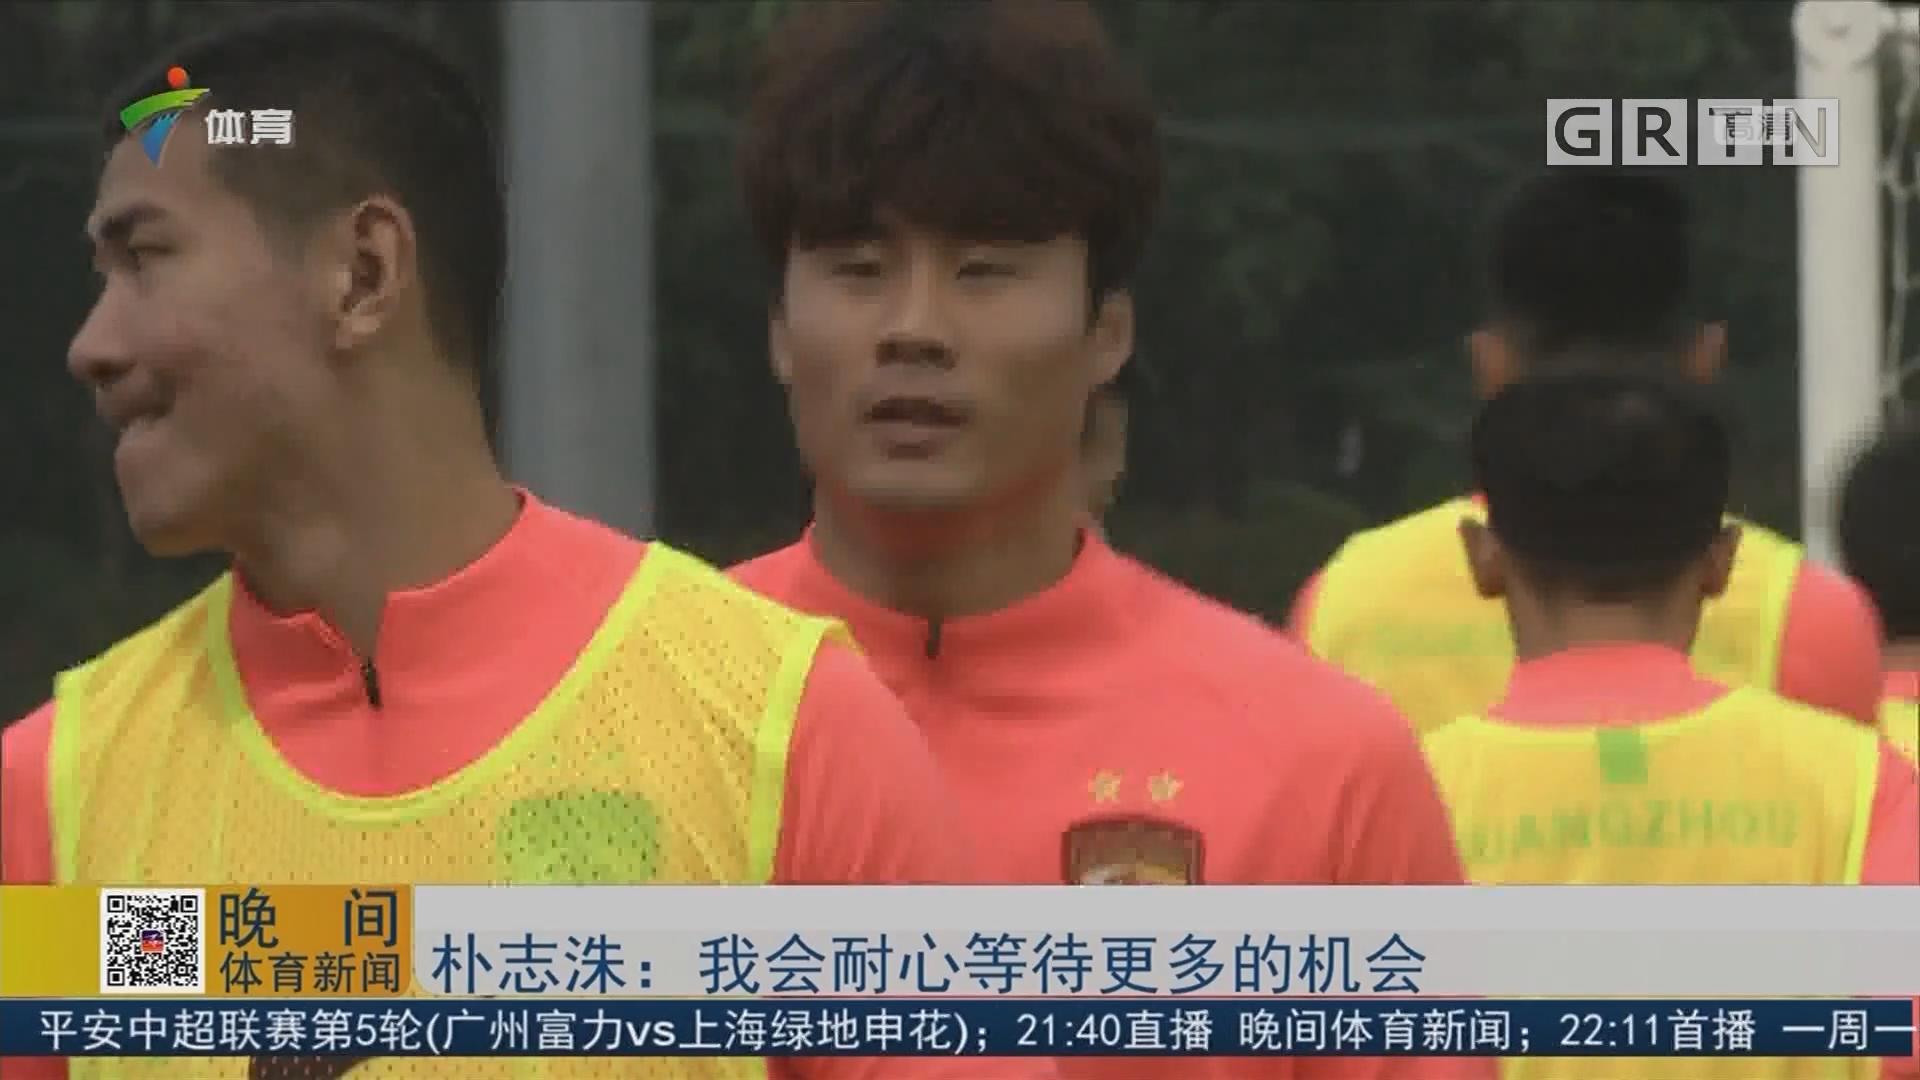 朴志洙:我会耐心等待更多的机会